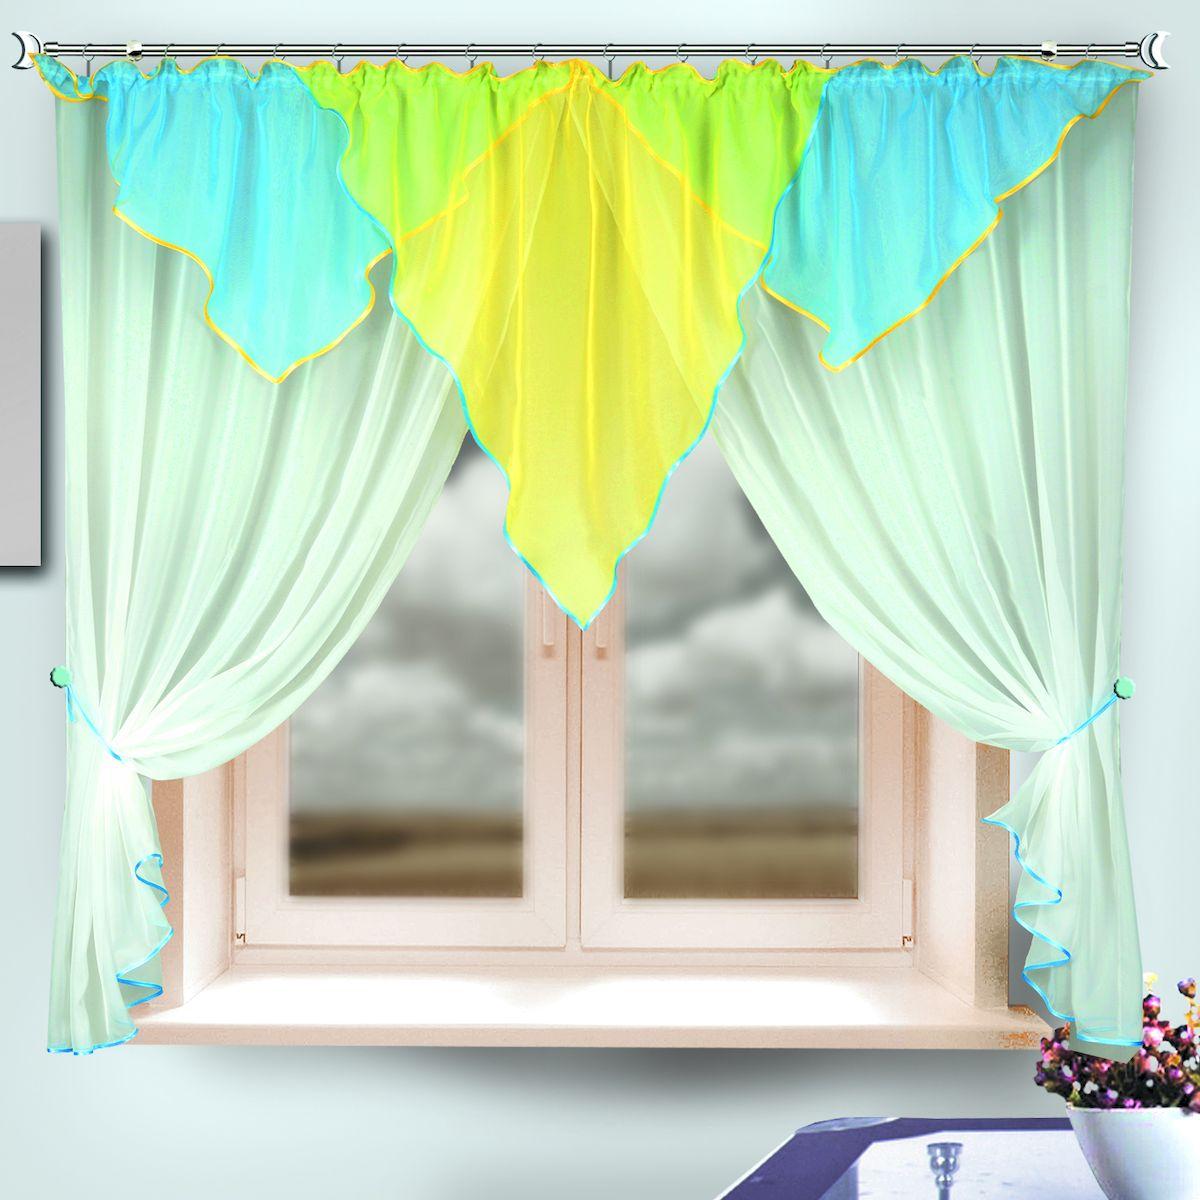 Комплект штор для кухни Zlata Korunka, на ленте, цвет: белый, голубой, желтый, высота 170 см. 333315BH-UN0502( R)Комплект штор для кухни Zlata Korunka, выполненный из полиэстера, великолепно украсит любое окно. Комплект состоит из ламбрекена, двух штор и двух подхватов. Оригинальный крой и яркая цветовая гамма привлекут к себе внимание и органично впишутся в интерьер помещения. Этот комплект будет долгое время радовать вас и вашу семью!Комплект крепится на карниз при помощи ленты, которая поможет красиво и равномерно задрапировать верх. В комплект входит: Ламбрекен: 1 шт. Размер (Ш х В): 290 х 100 см. Штора: 2 шт. Размер (Ш х В): 140 х 170 см.Подхват: 2 шт.